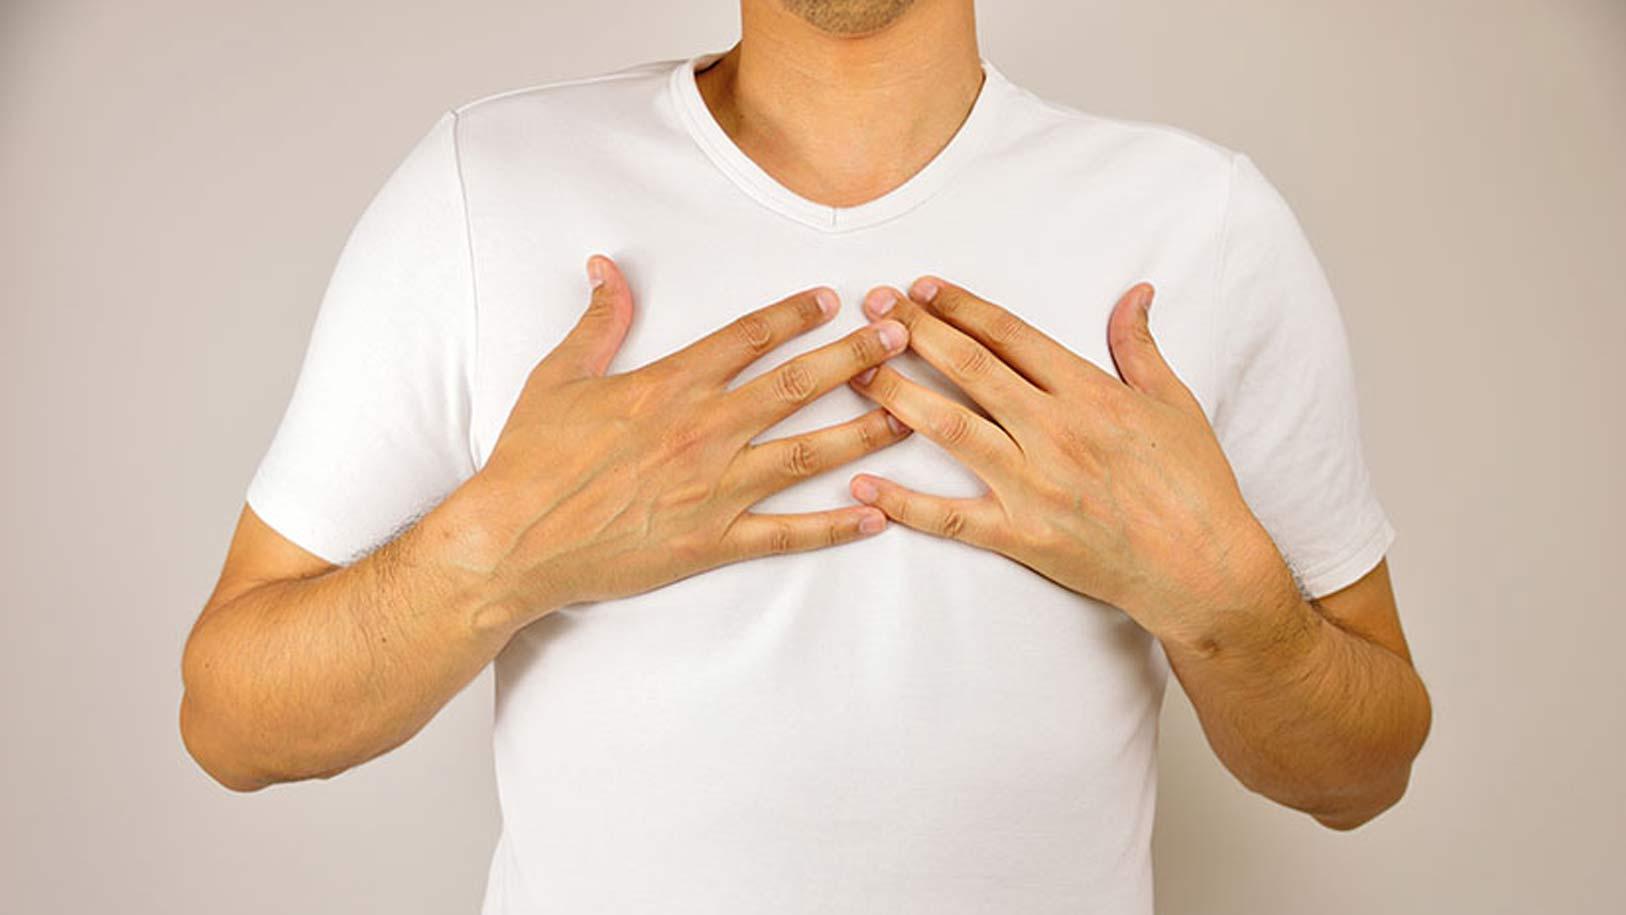 علائم اورژانسی رفلاکس اسید معده